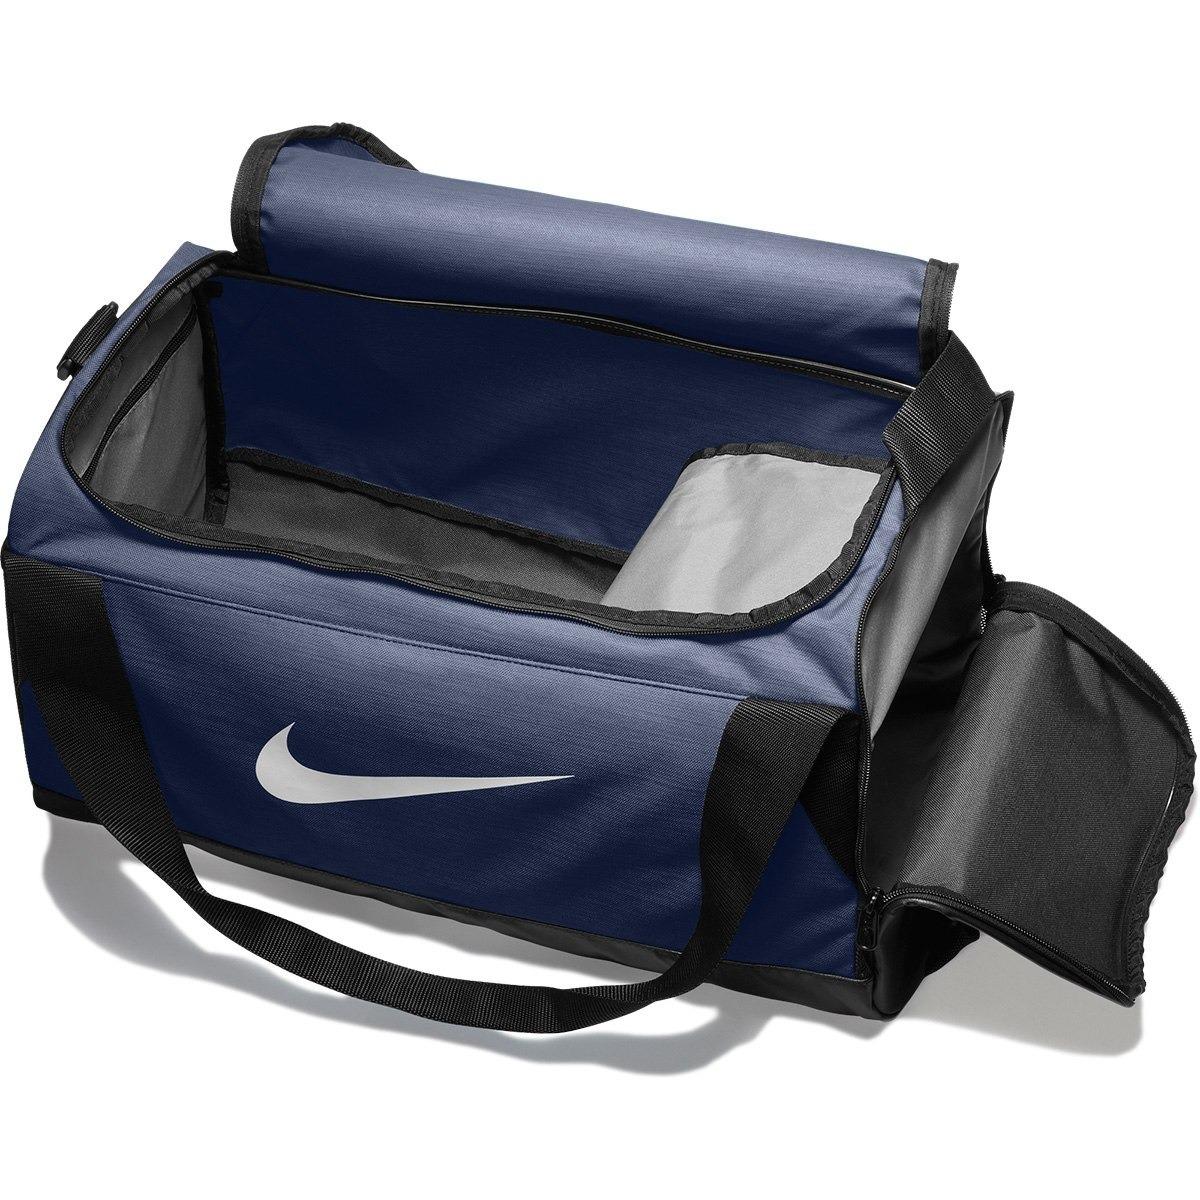 af34d8c4d Bolsa Nike Brasilia Duffel Small (p) - Azul Marinho - R$ 139,90 em ...